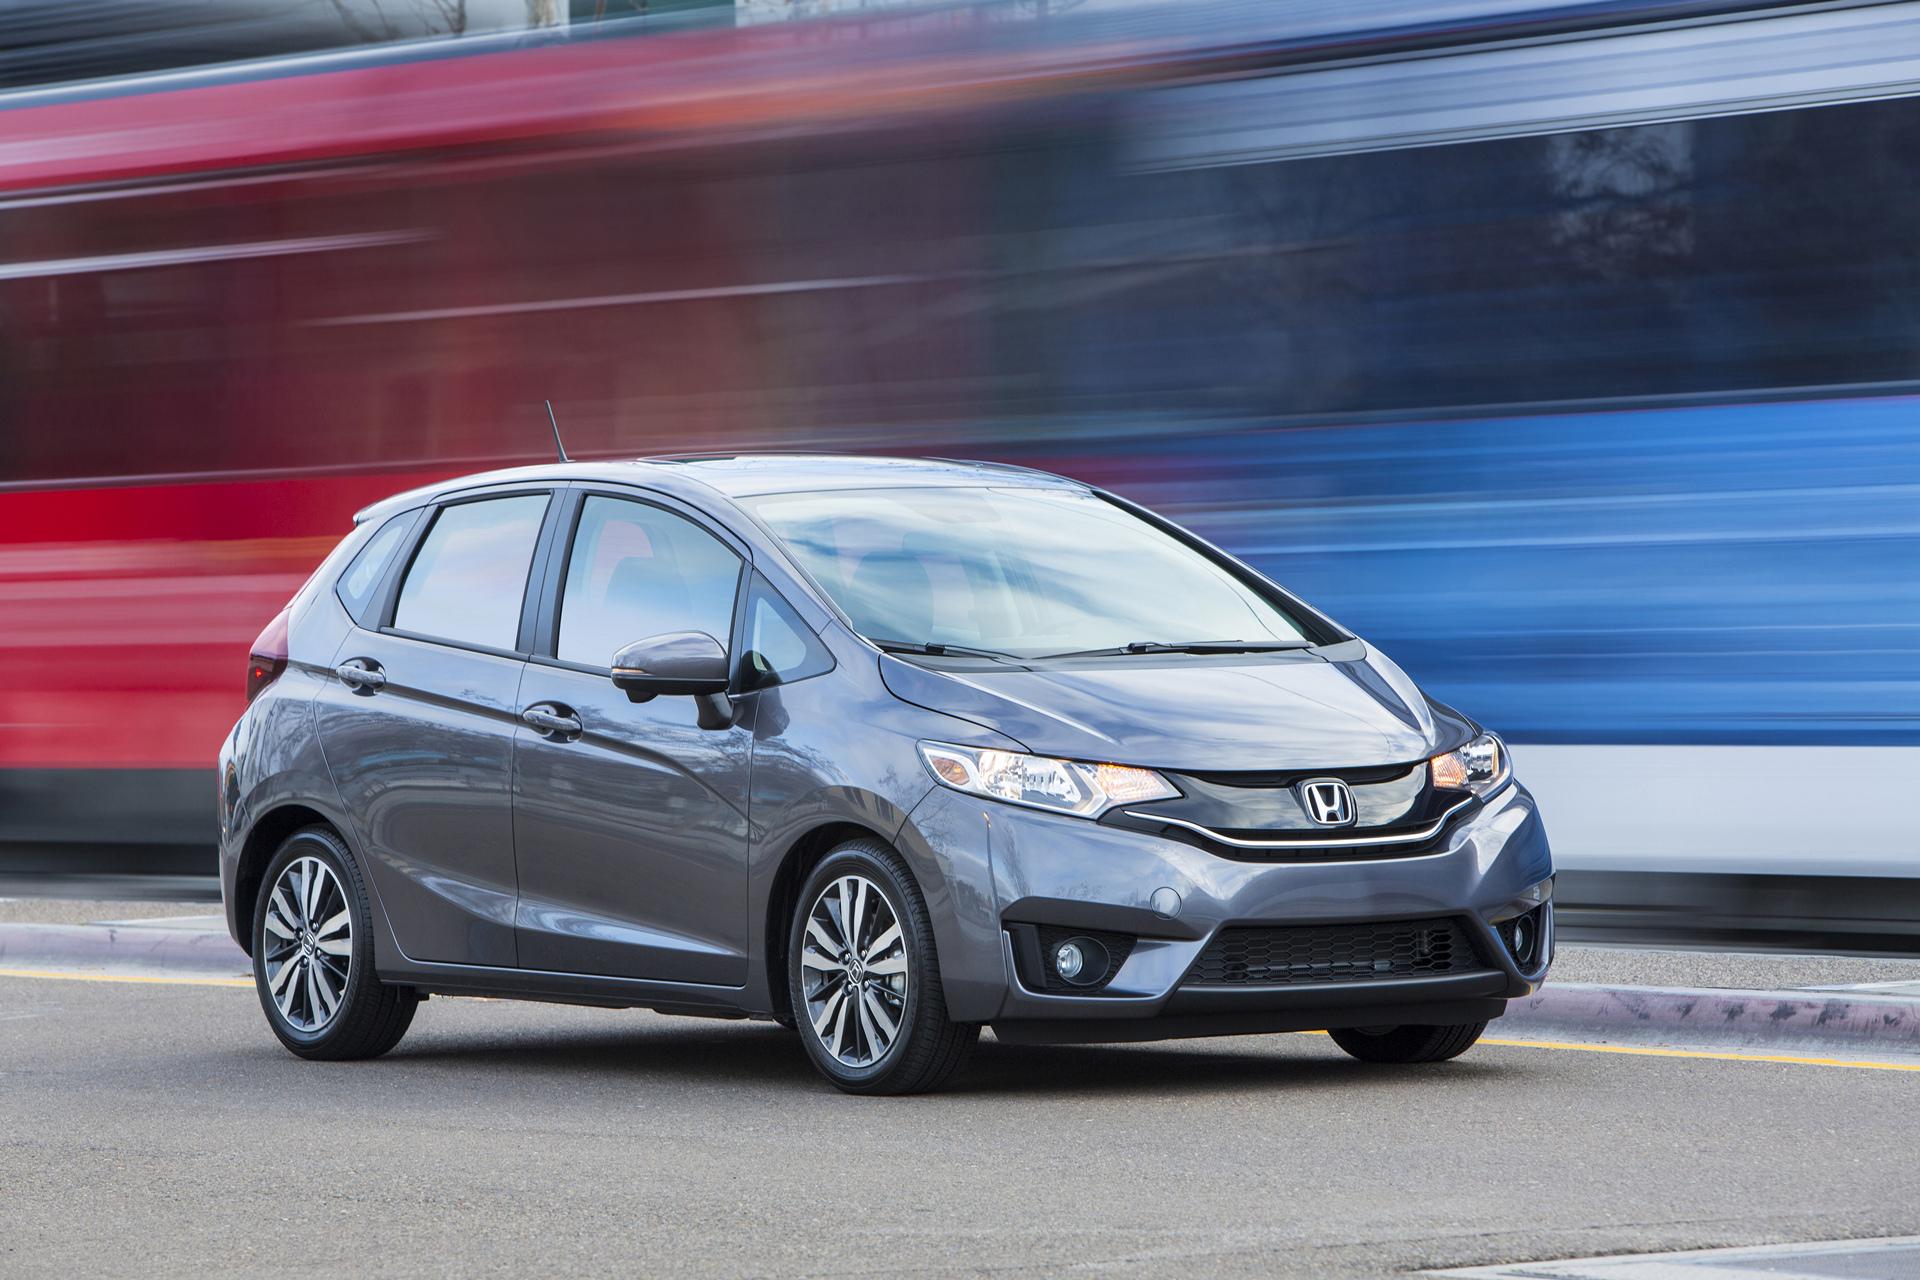 2017 Honda Fit © Honda Motor Co., Ltd.